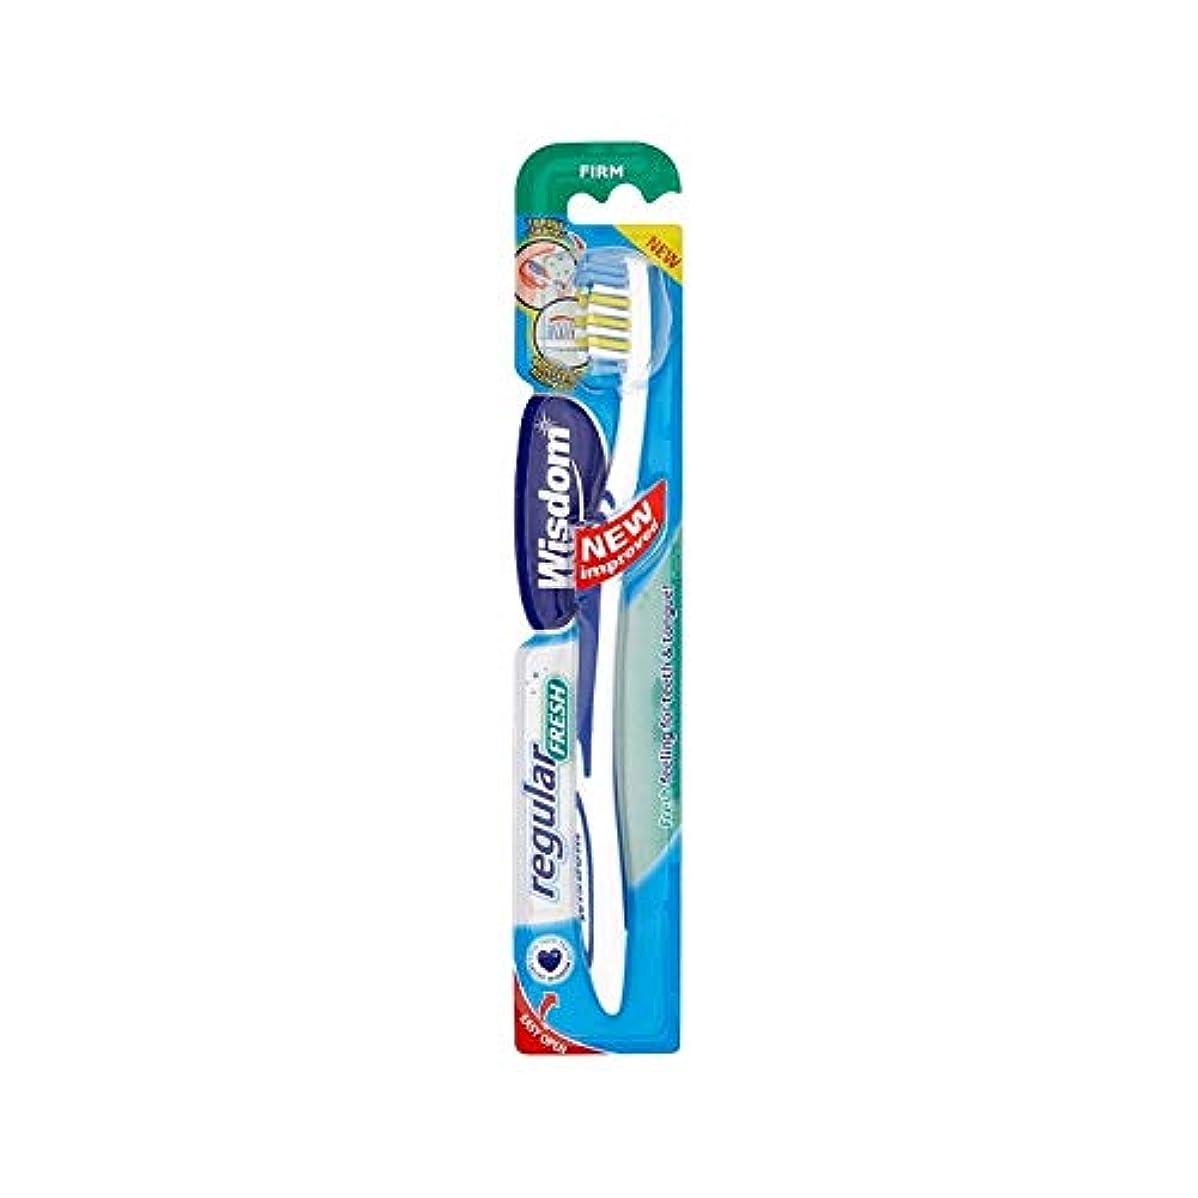 弱める精神化粧[Wisdom ] 12の知恵定期的に新鮮しっかり歯ブラシパック - Wisdom Regular Fresh Firm Toothbrush Pack of 12 [並行輸入品]